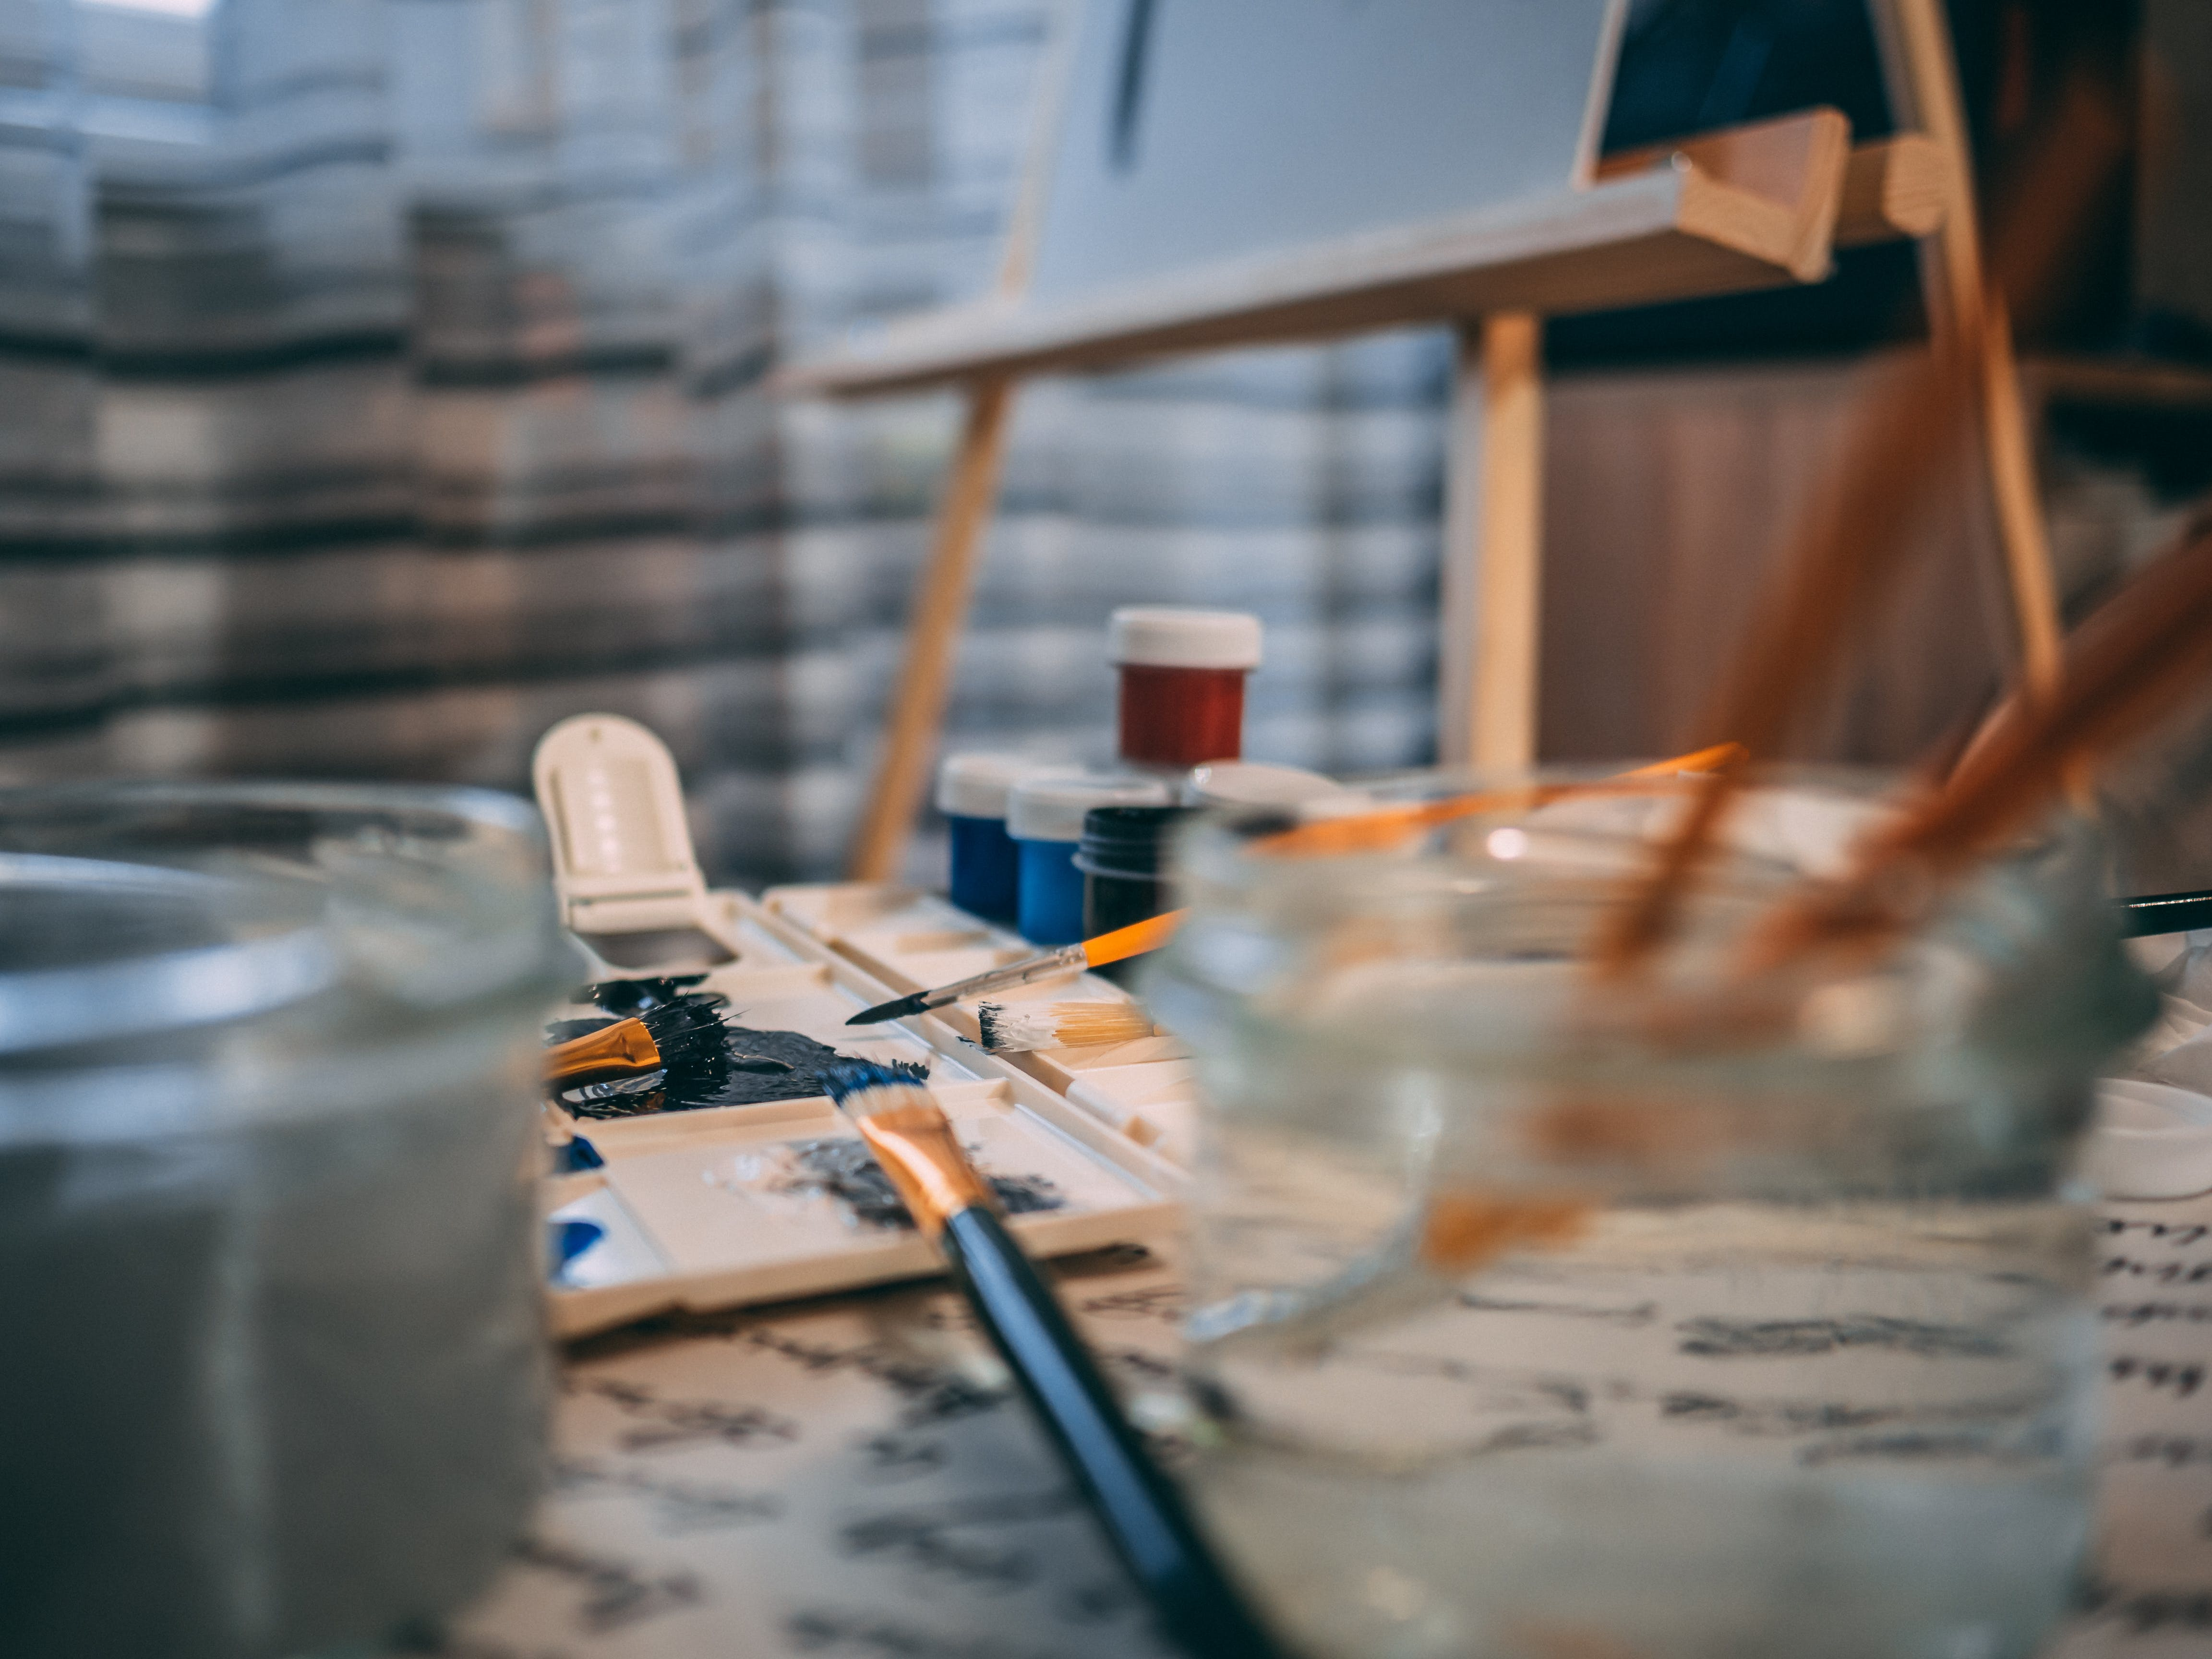 børster, kunst, kunstartikler